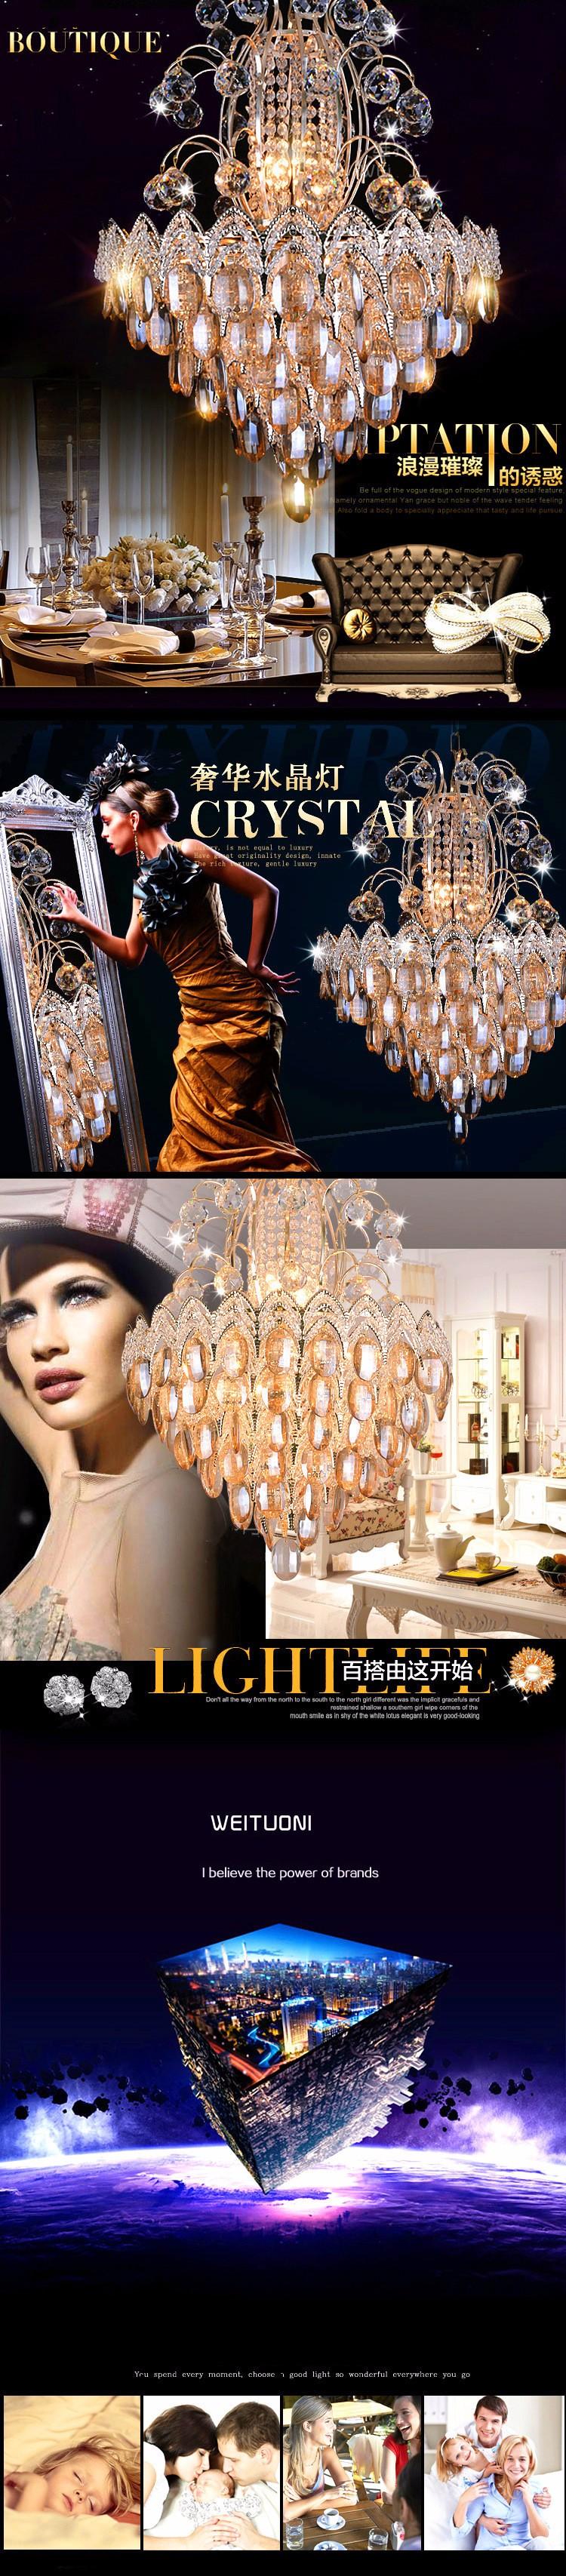 Купить Новый список Роскошный атмосфера гостиной золотые люстры хрустальные светильники спальня светодиодные лампы roundr Спальни лампа Зал